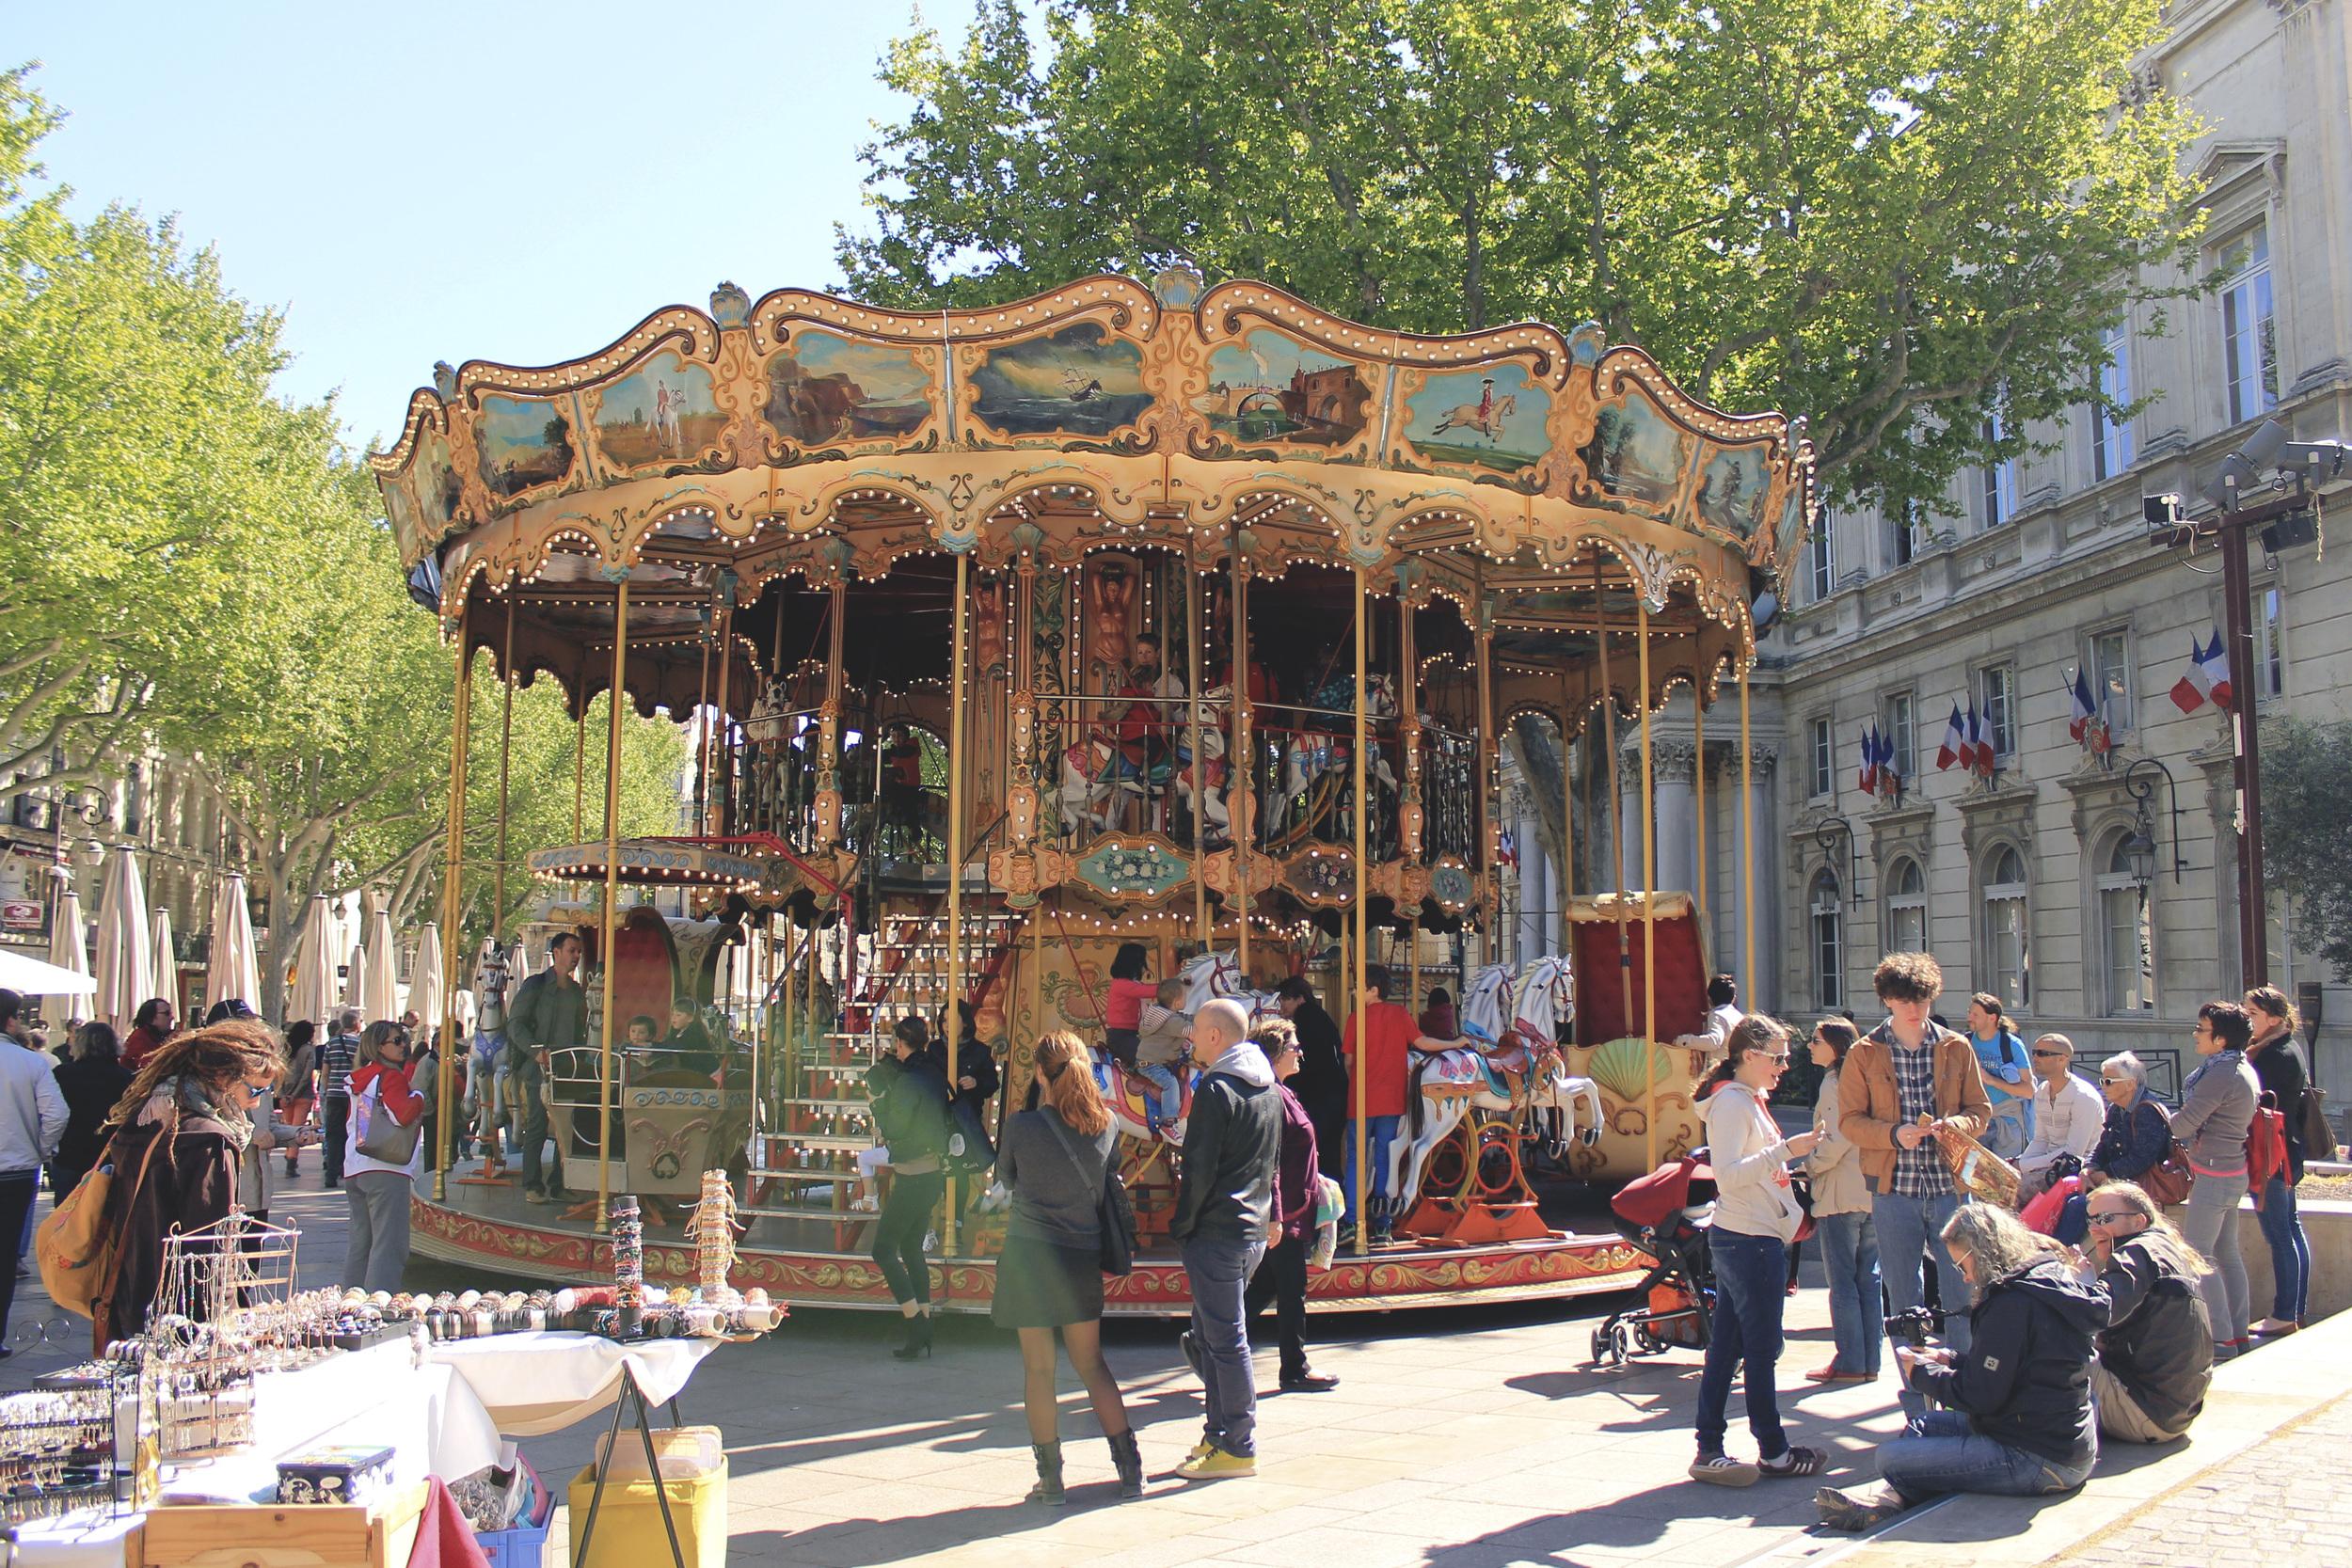 carousel streets france avignon spring